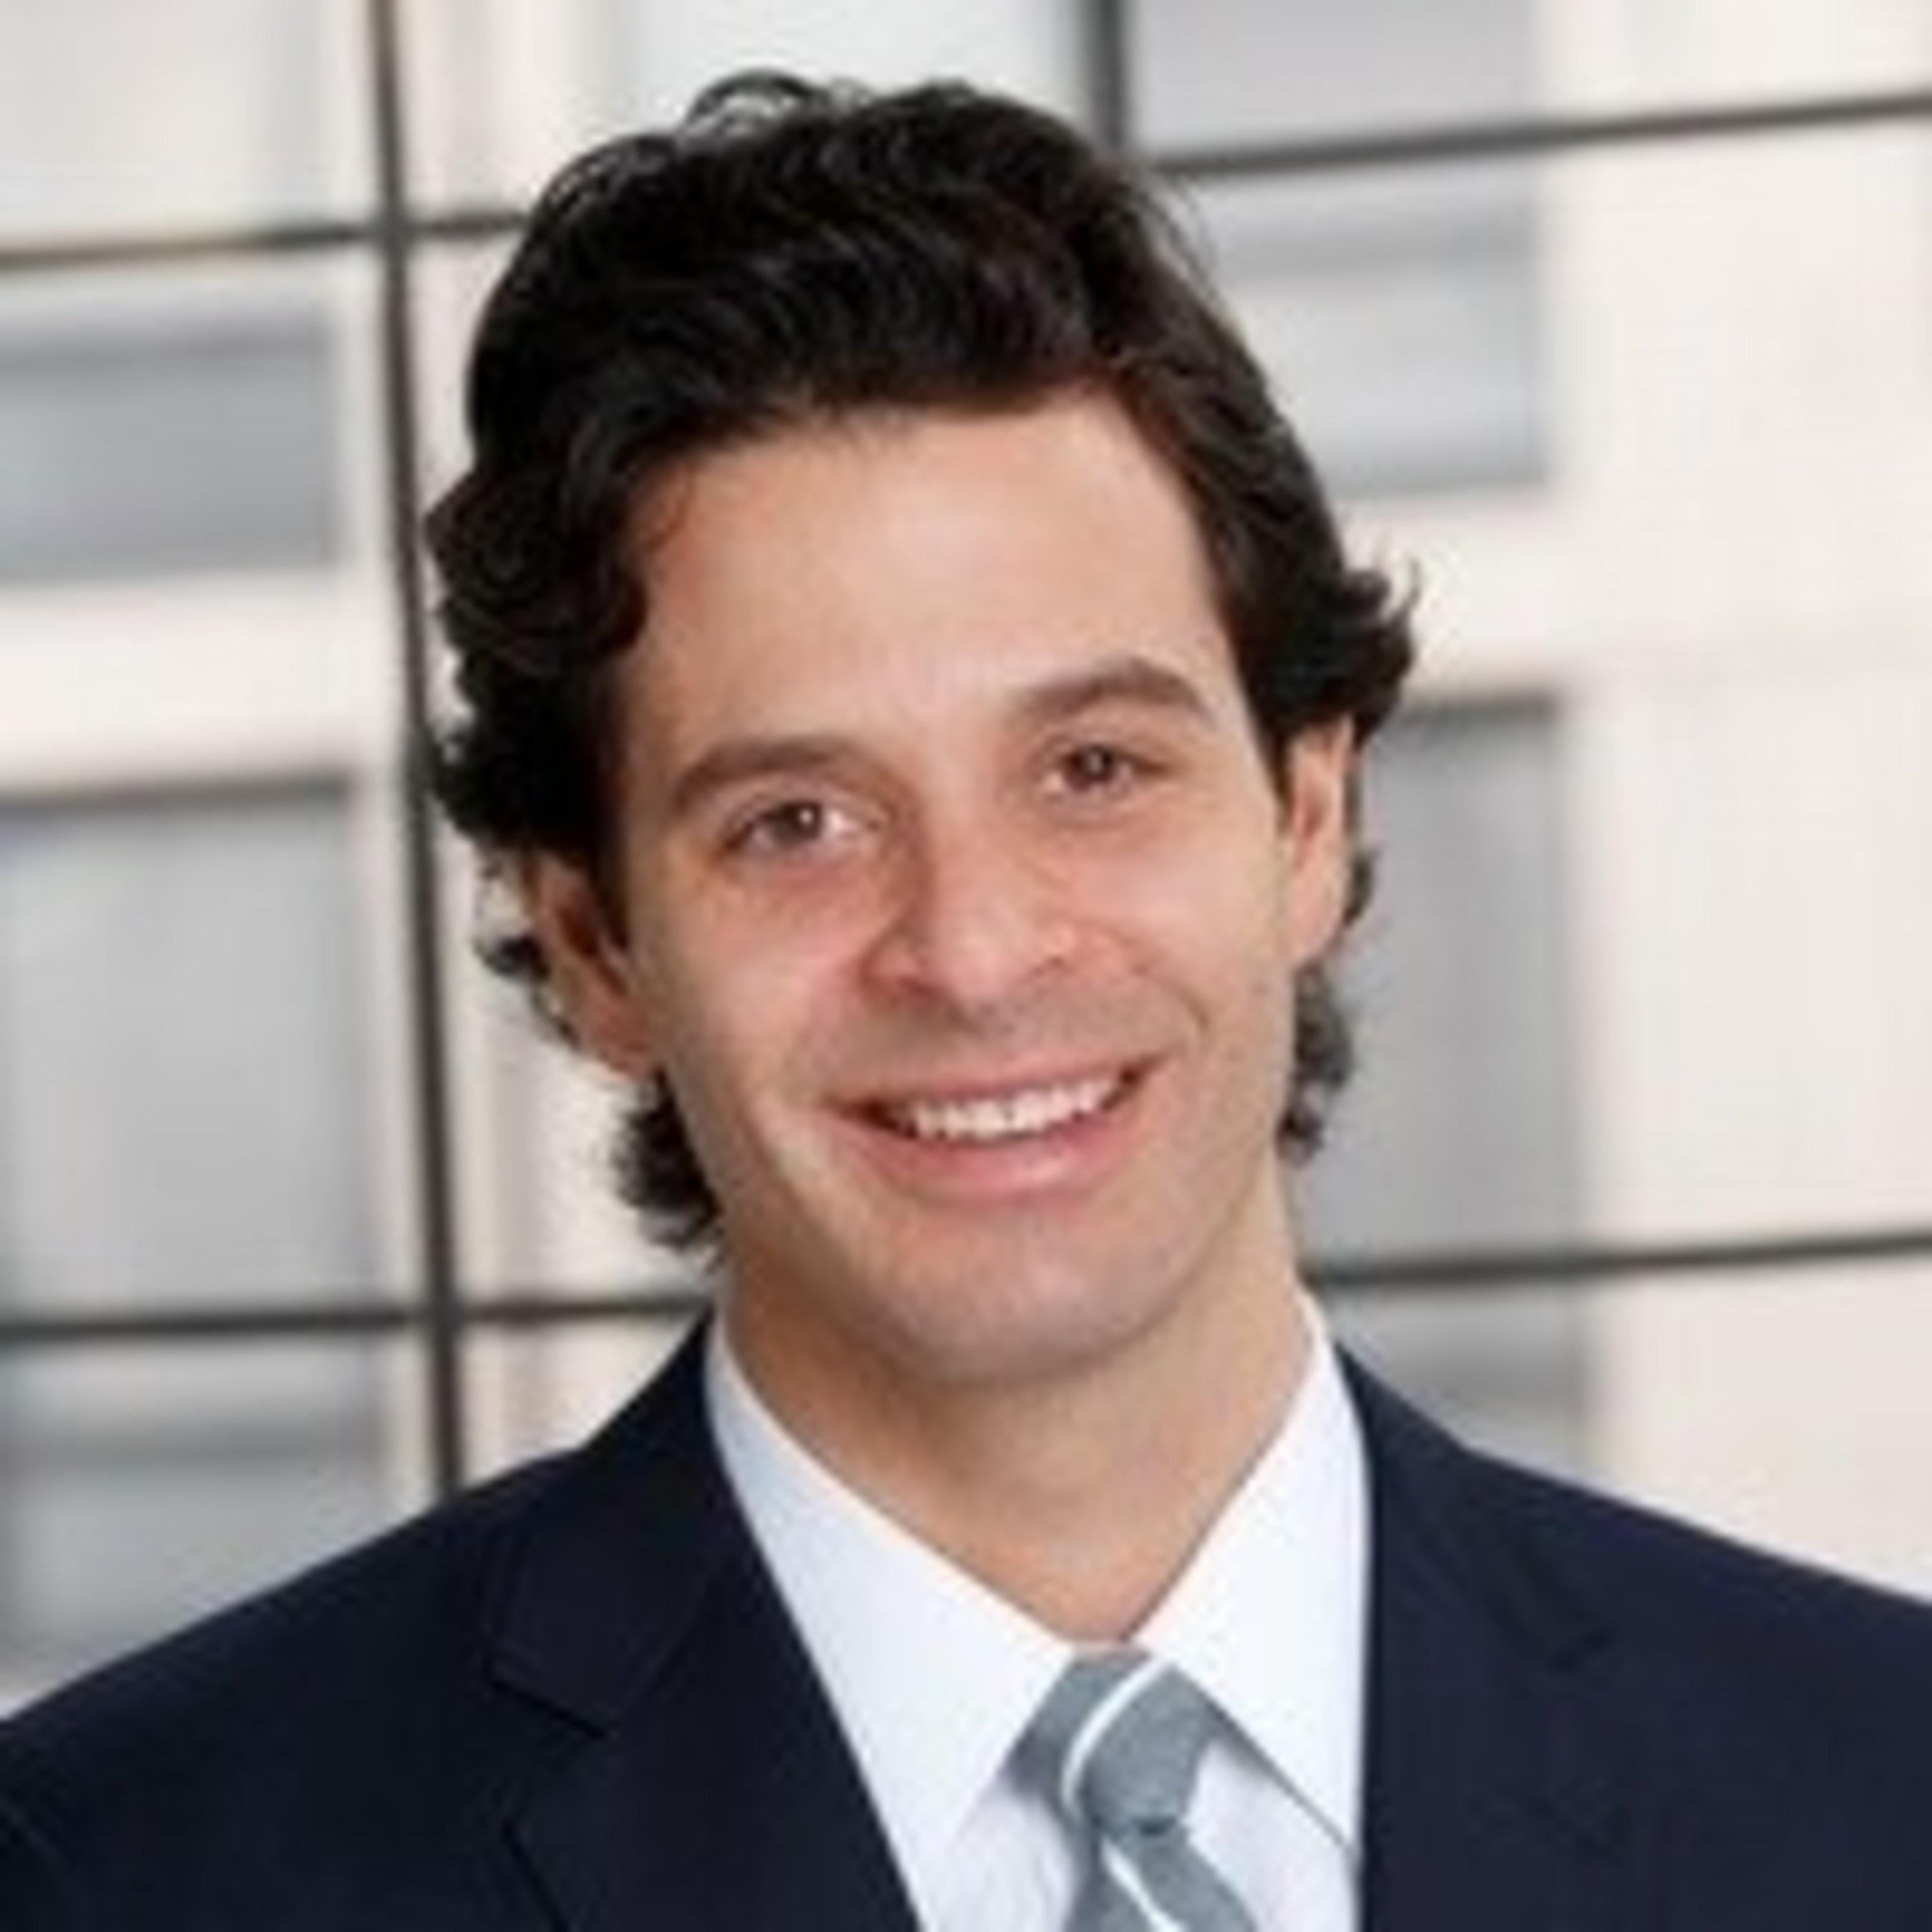 Andrew Salomon, Madison Realty Capital